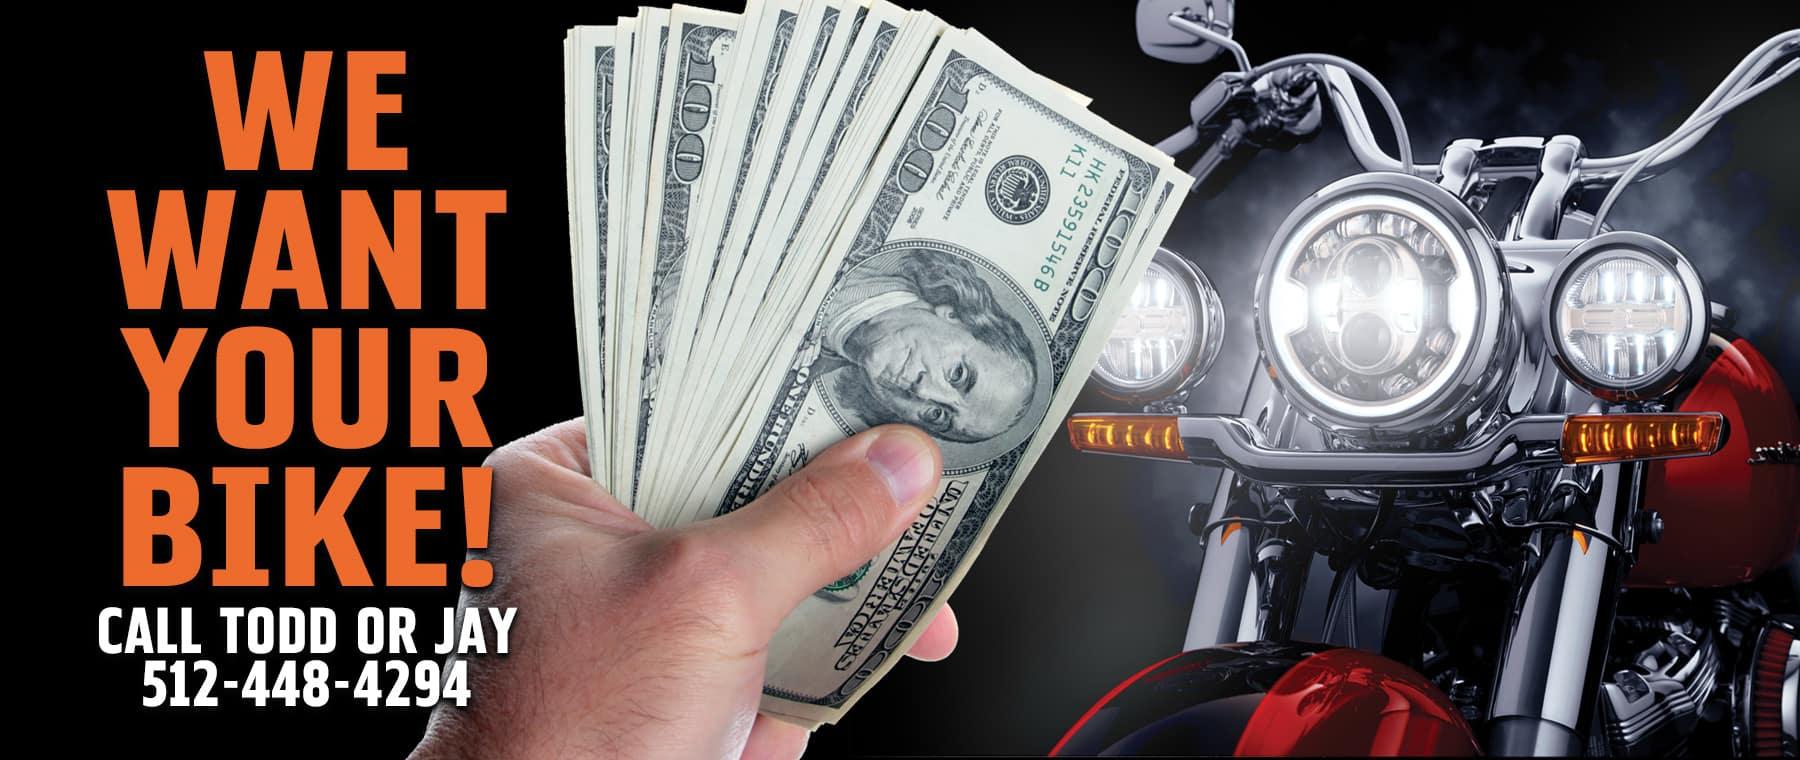 Buy-Your-Bike---Austin---Desktop